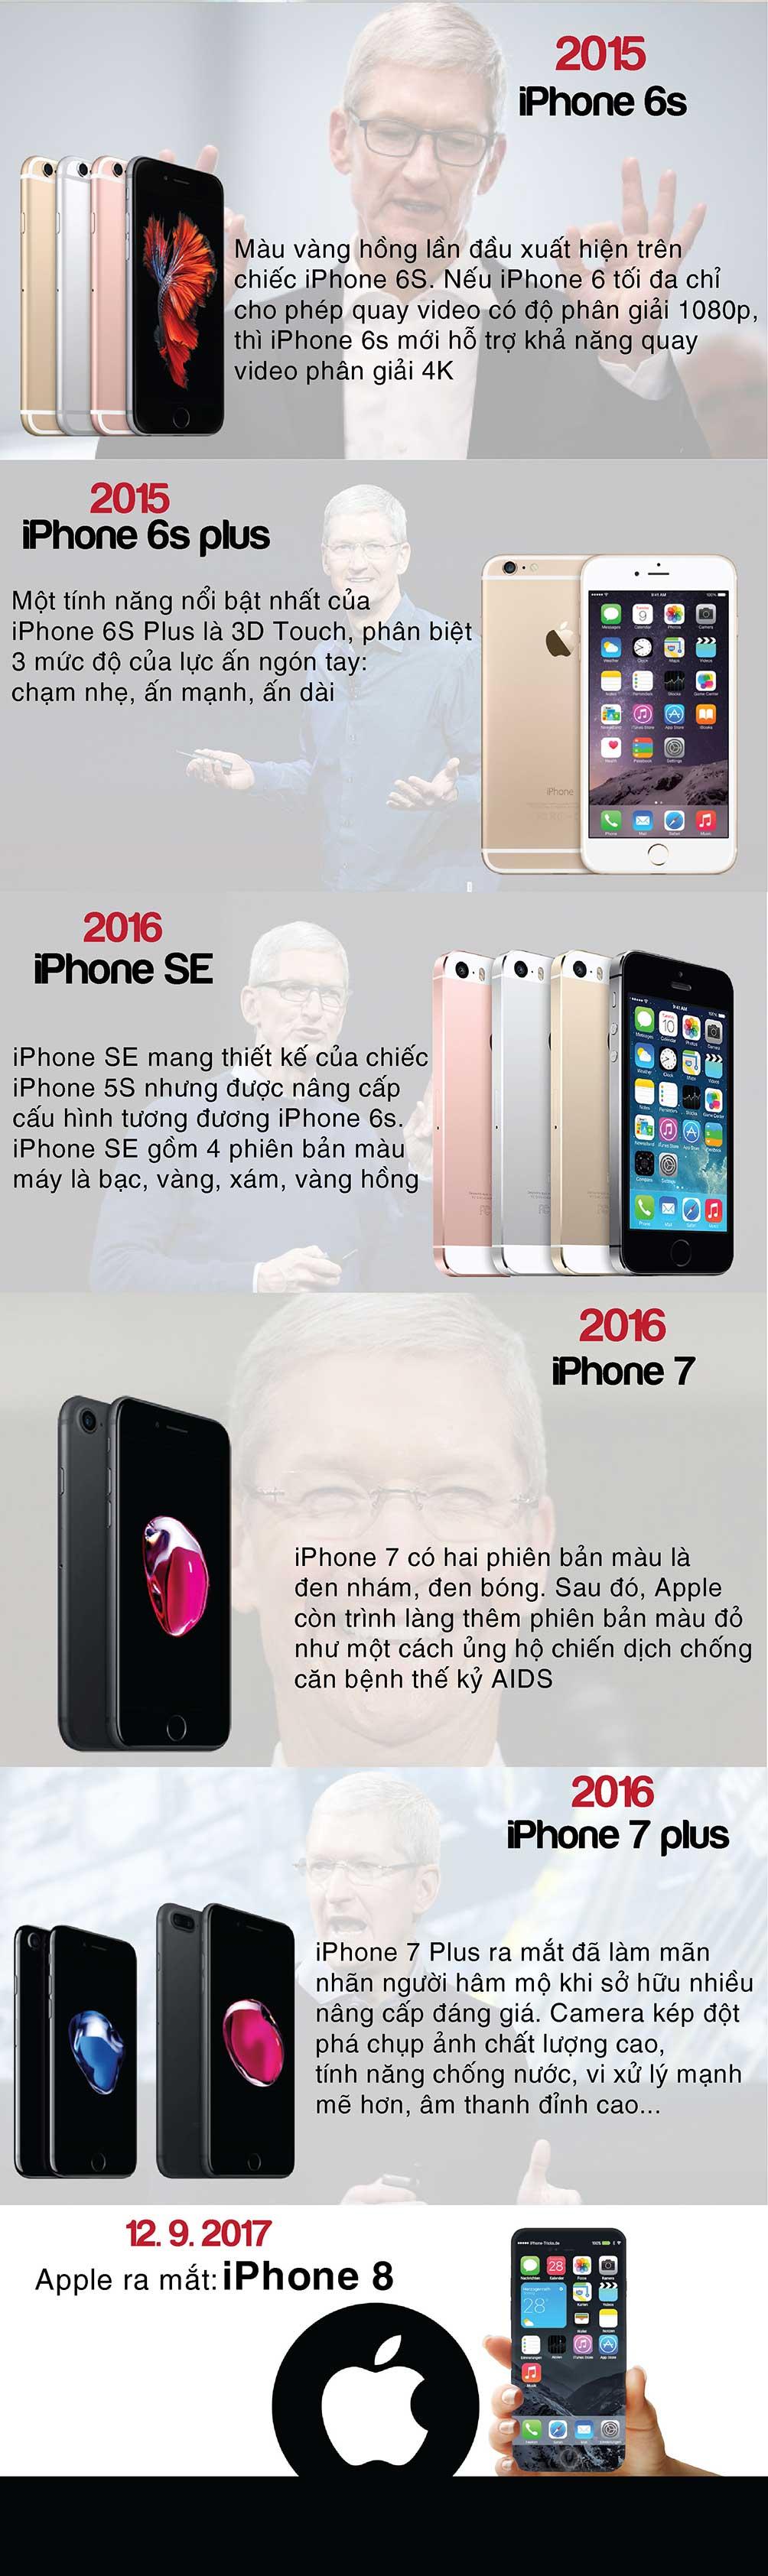 IPhone đã lột xác như thế nào sau 10 năm? - 2